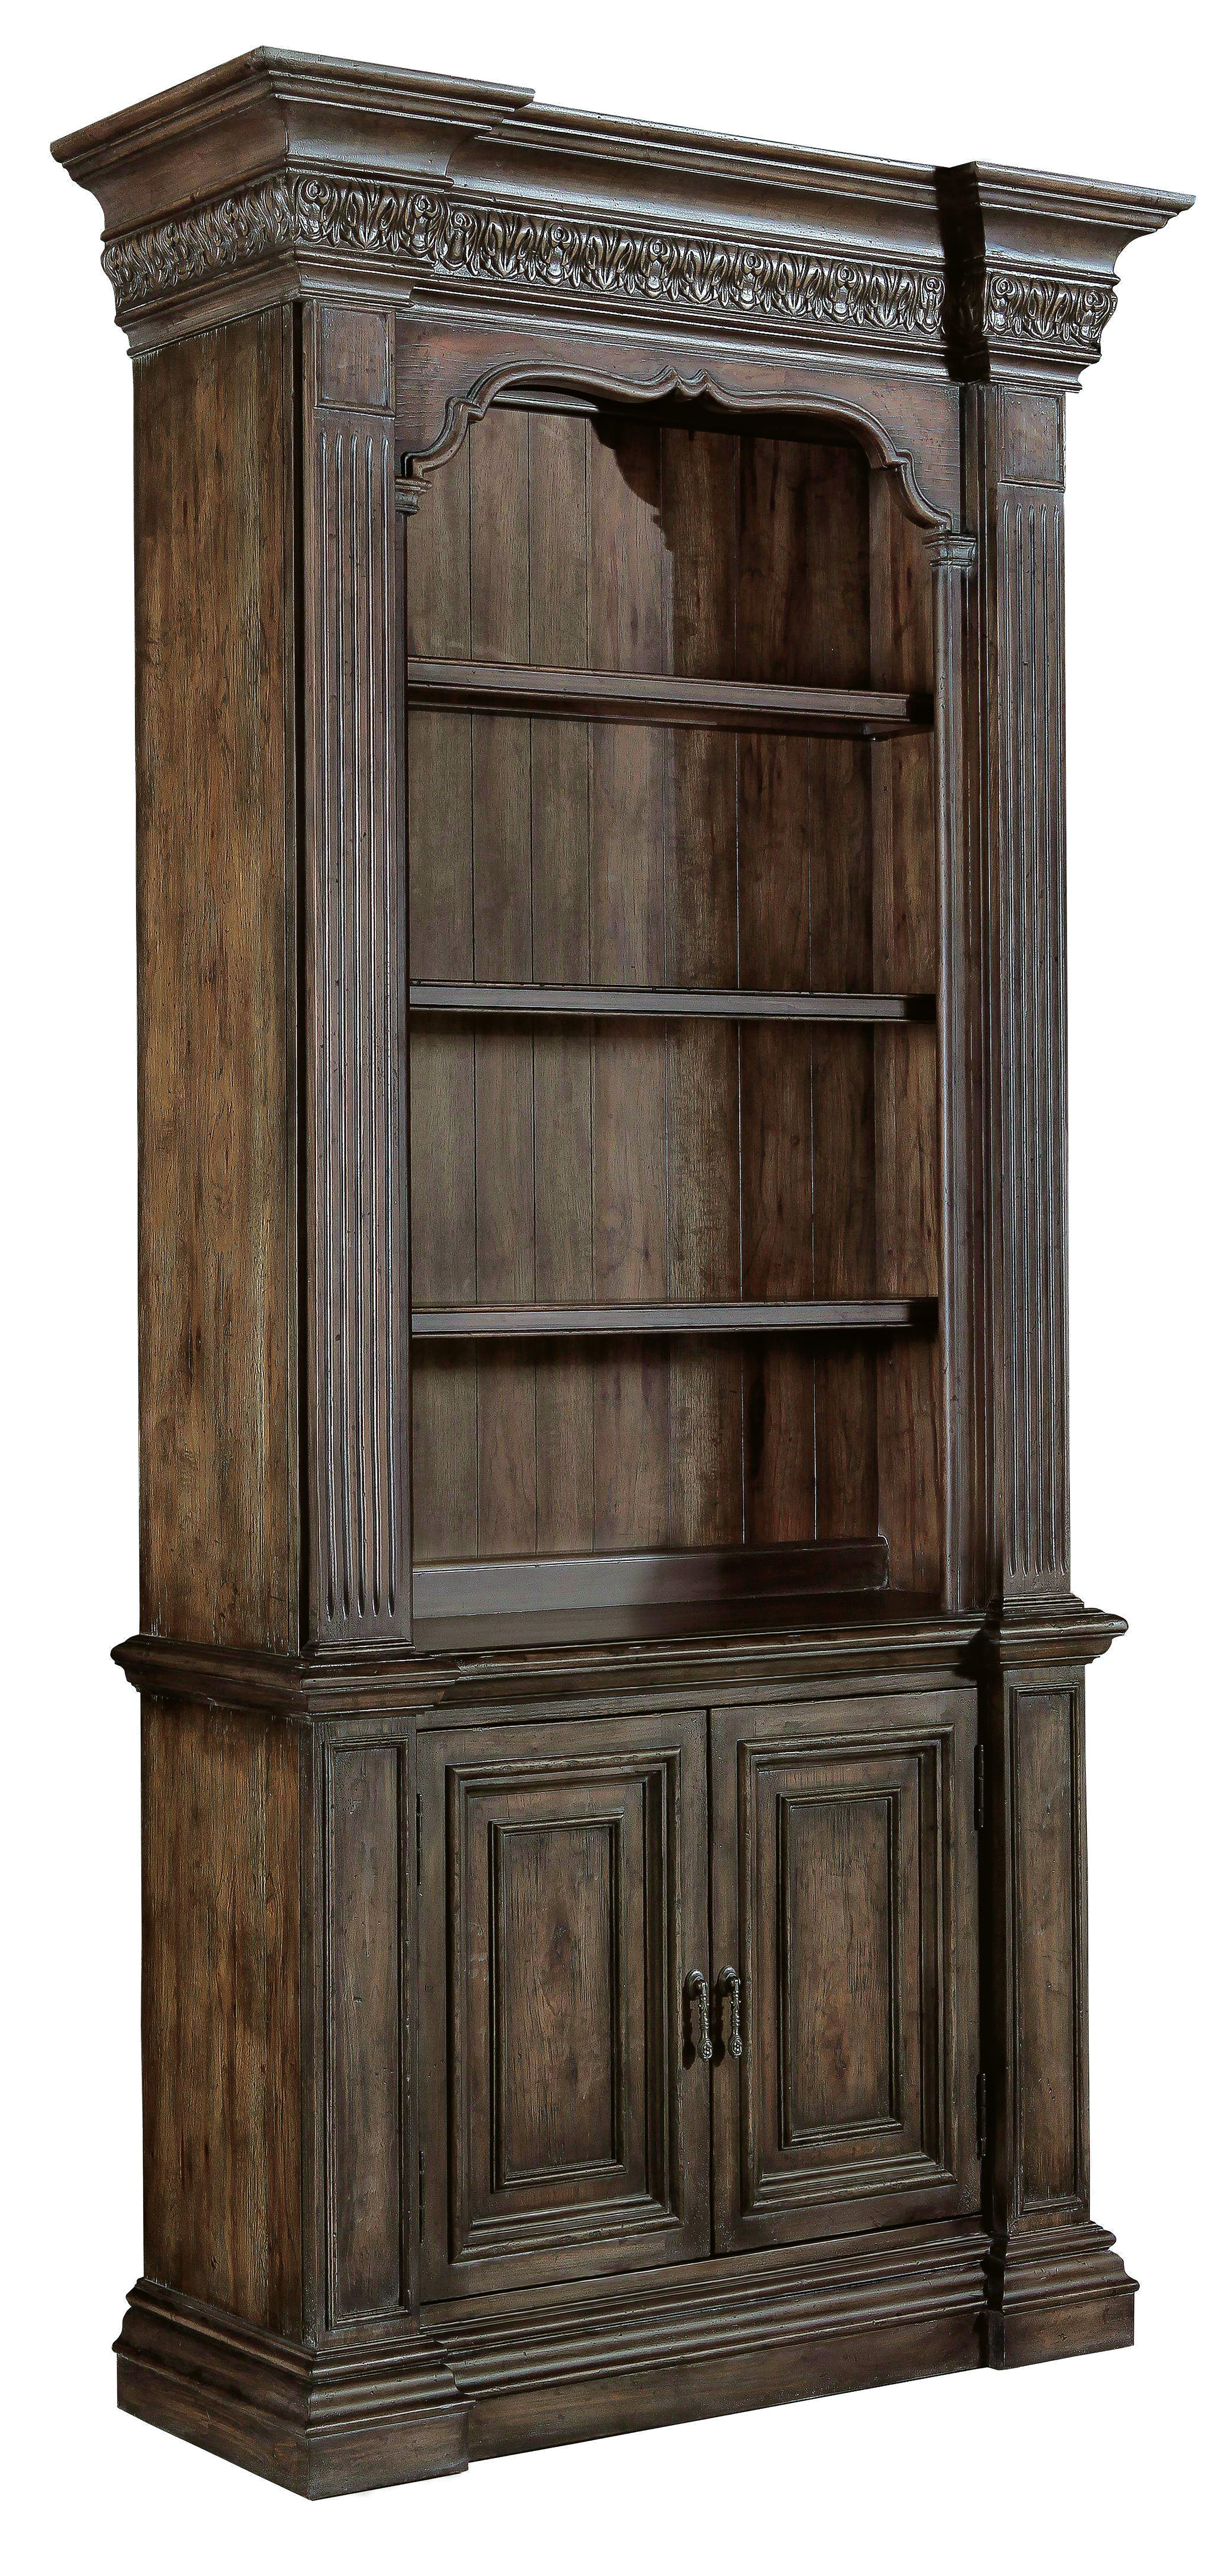 Hooker Furniture Home Office Rhapsody Bookcase 5070 10445